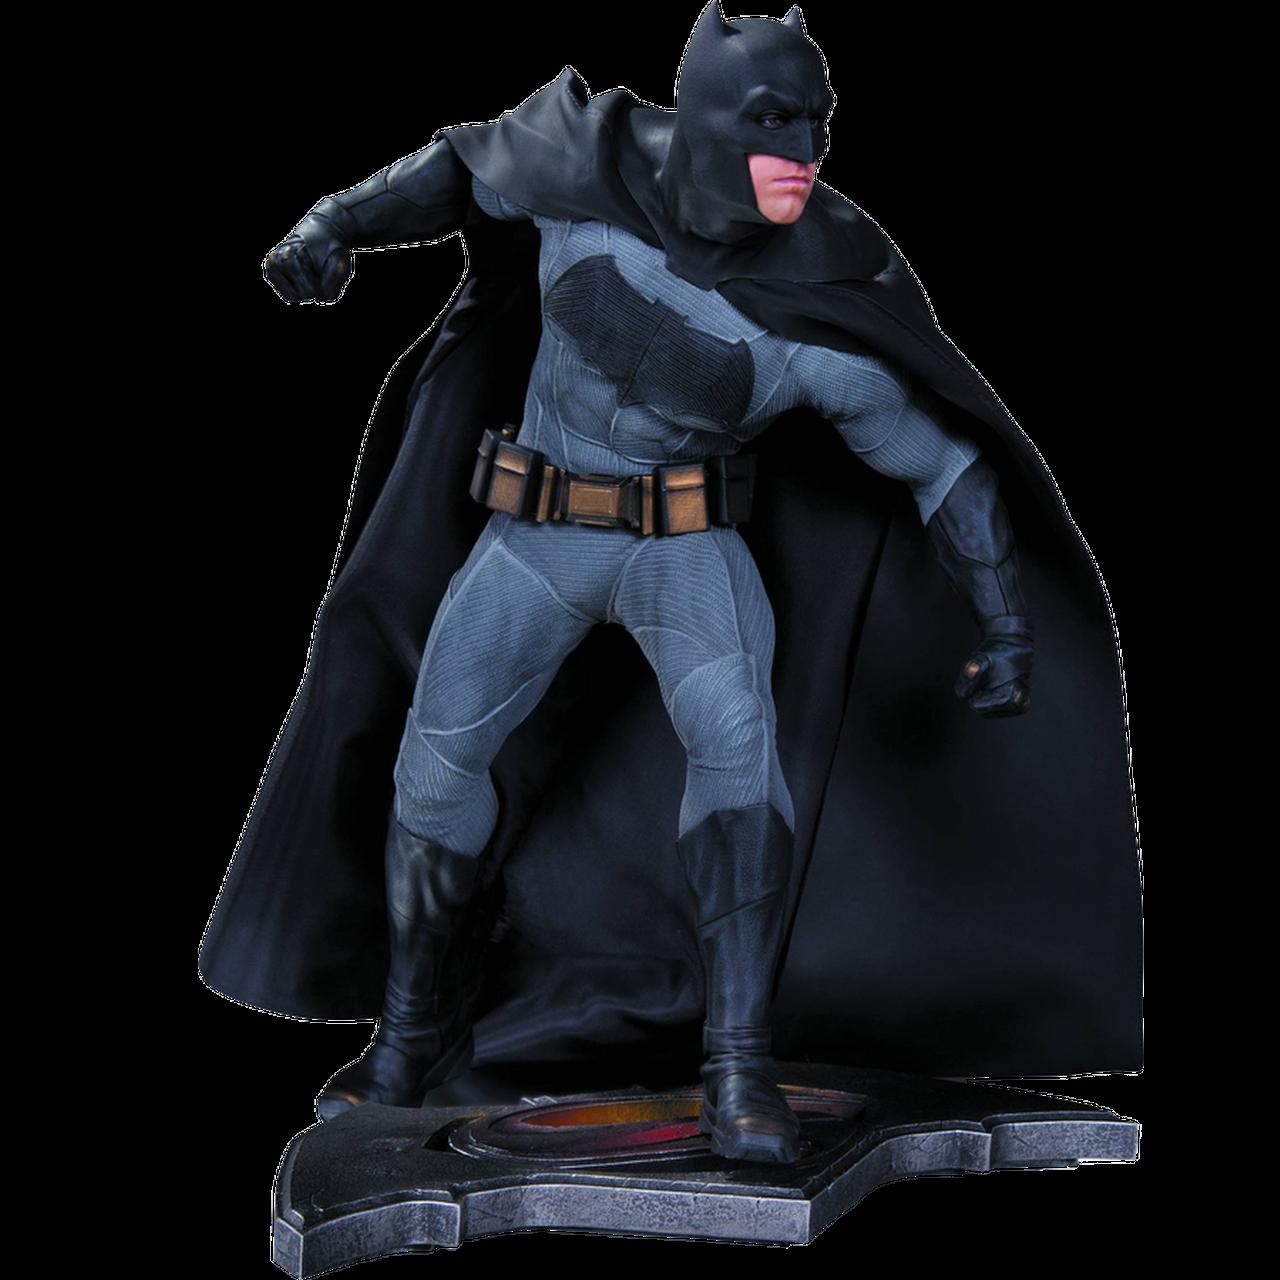 DC Direct Dc Collectibles Batman V Superman: Dawn of Justice Batman Statua 1/6 scale - Usato